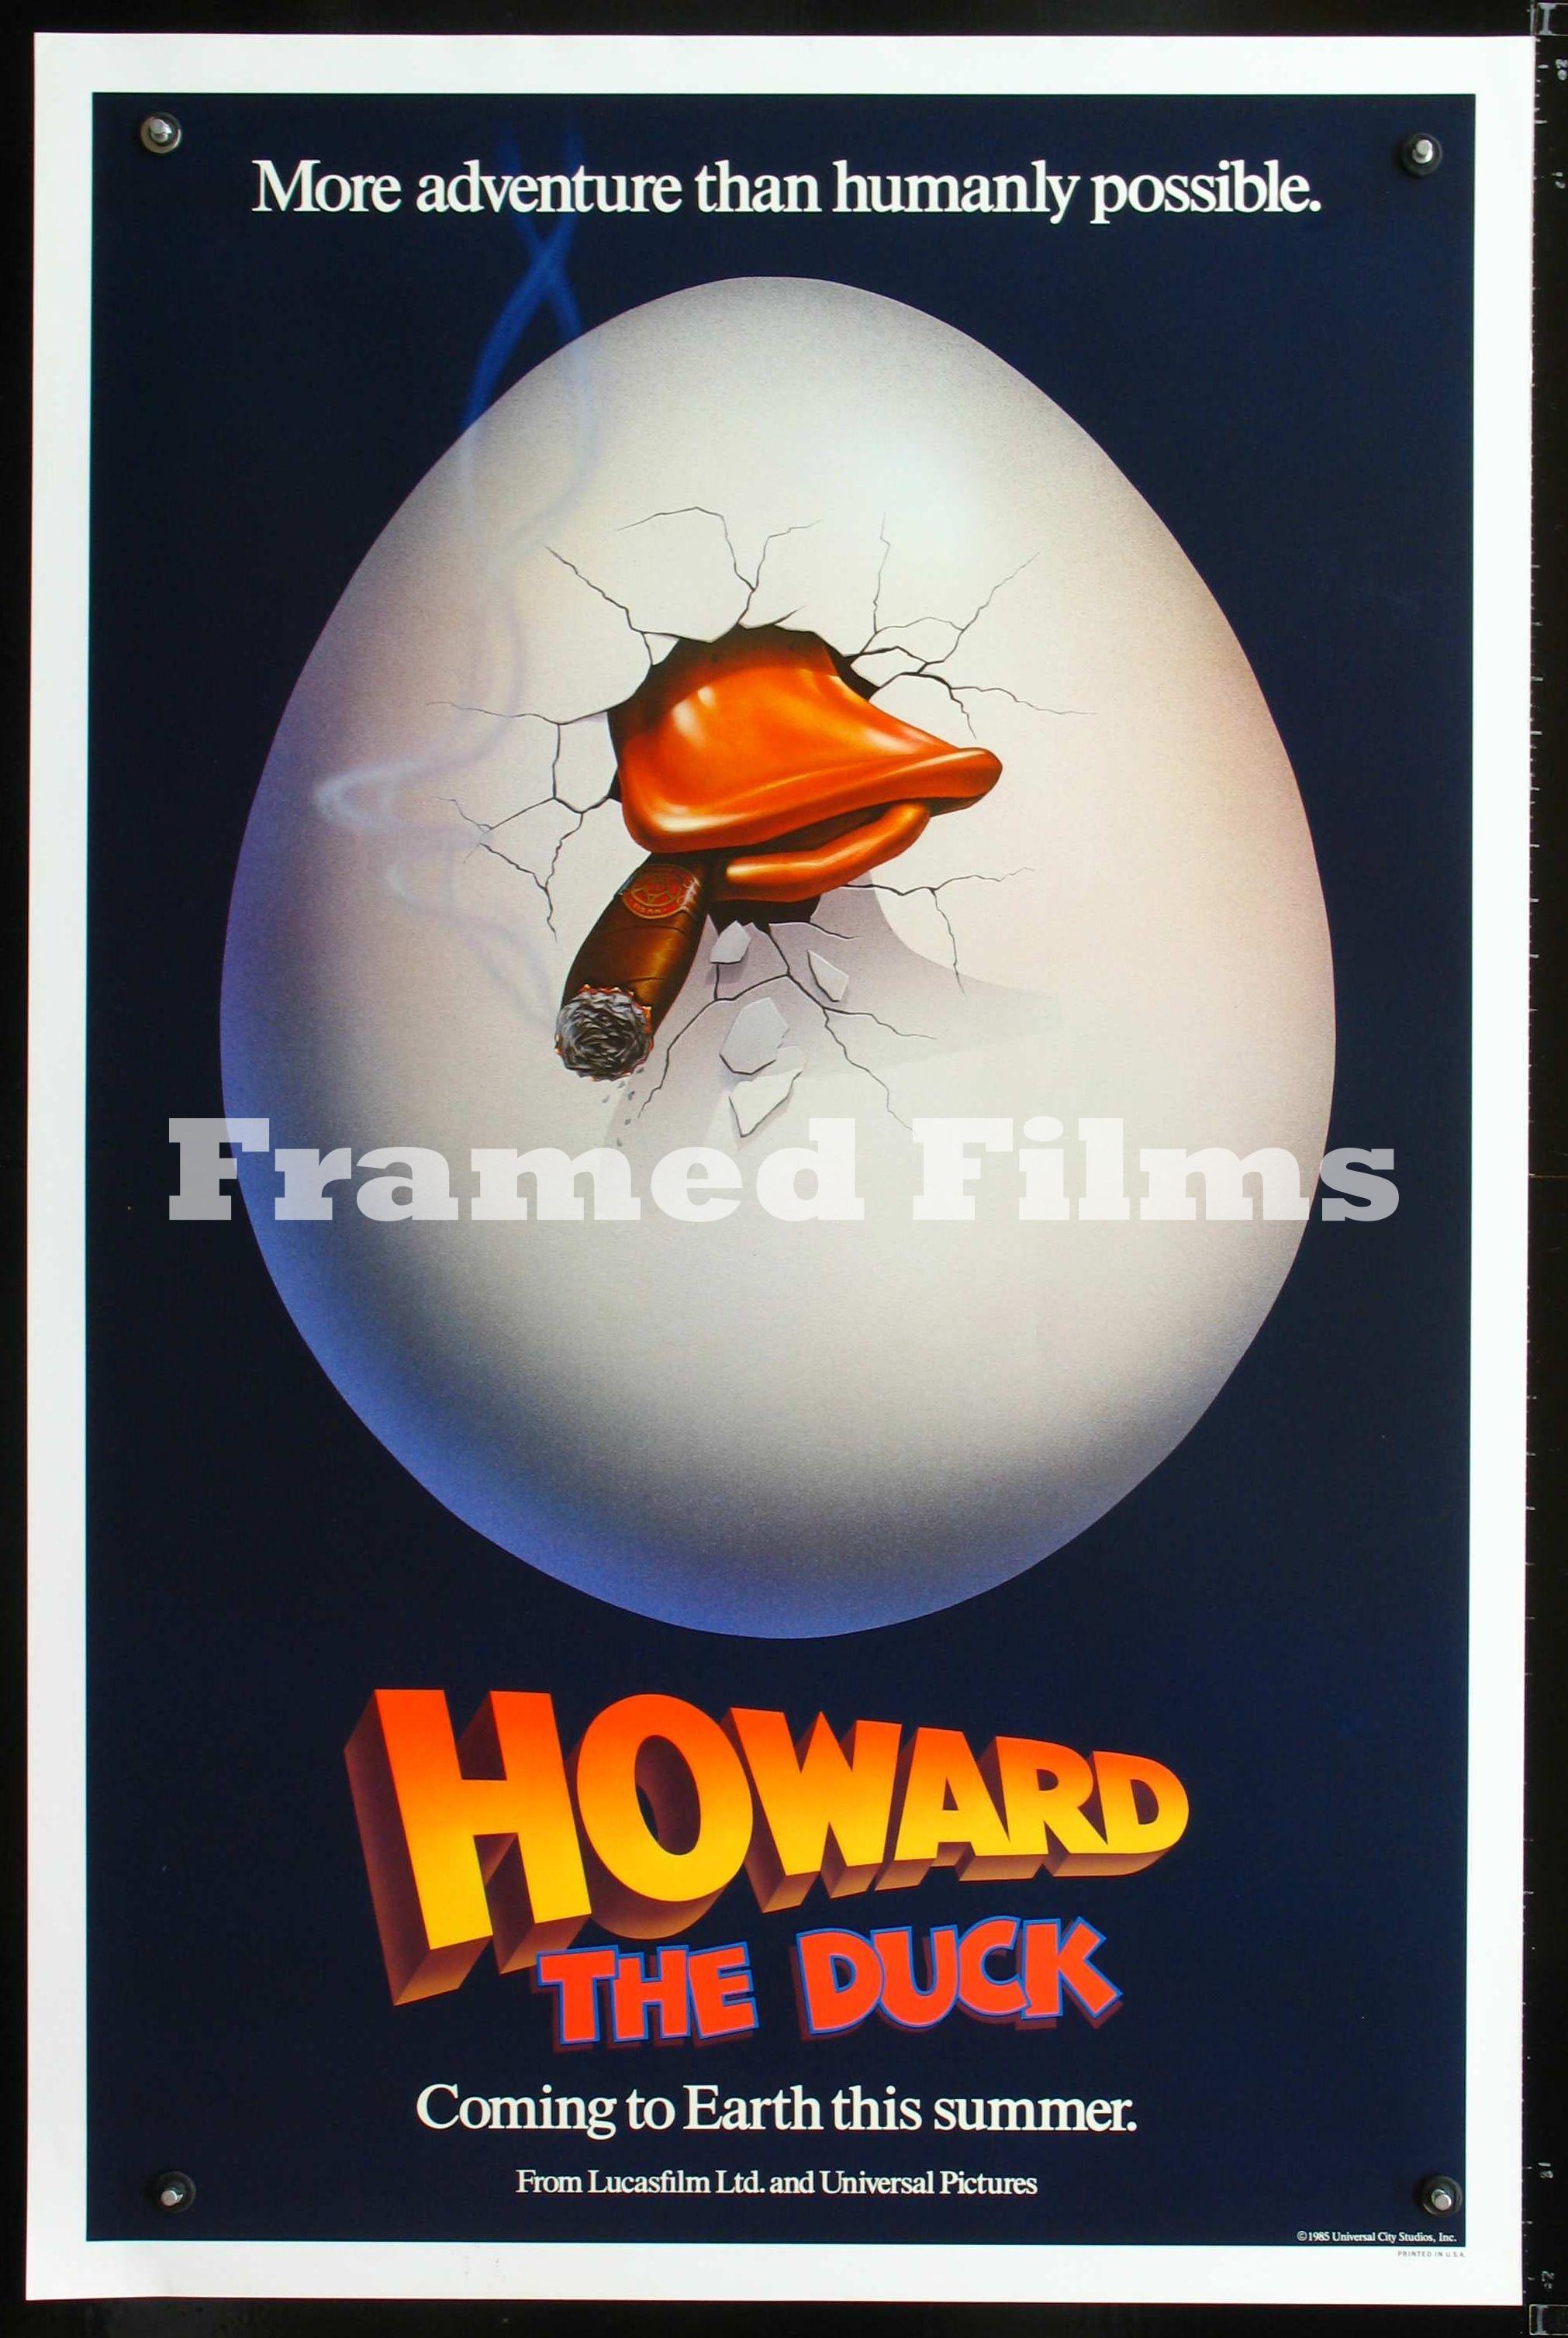 howard_the_duck_teaser_dupe3_JA01252_L.jpg